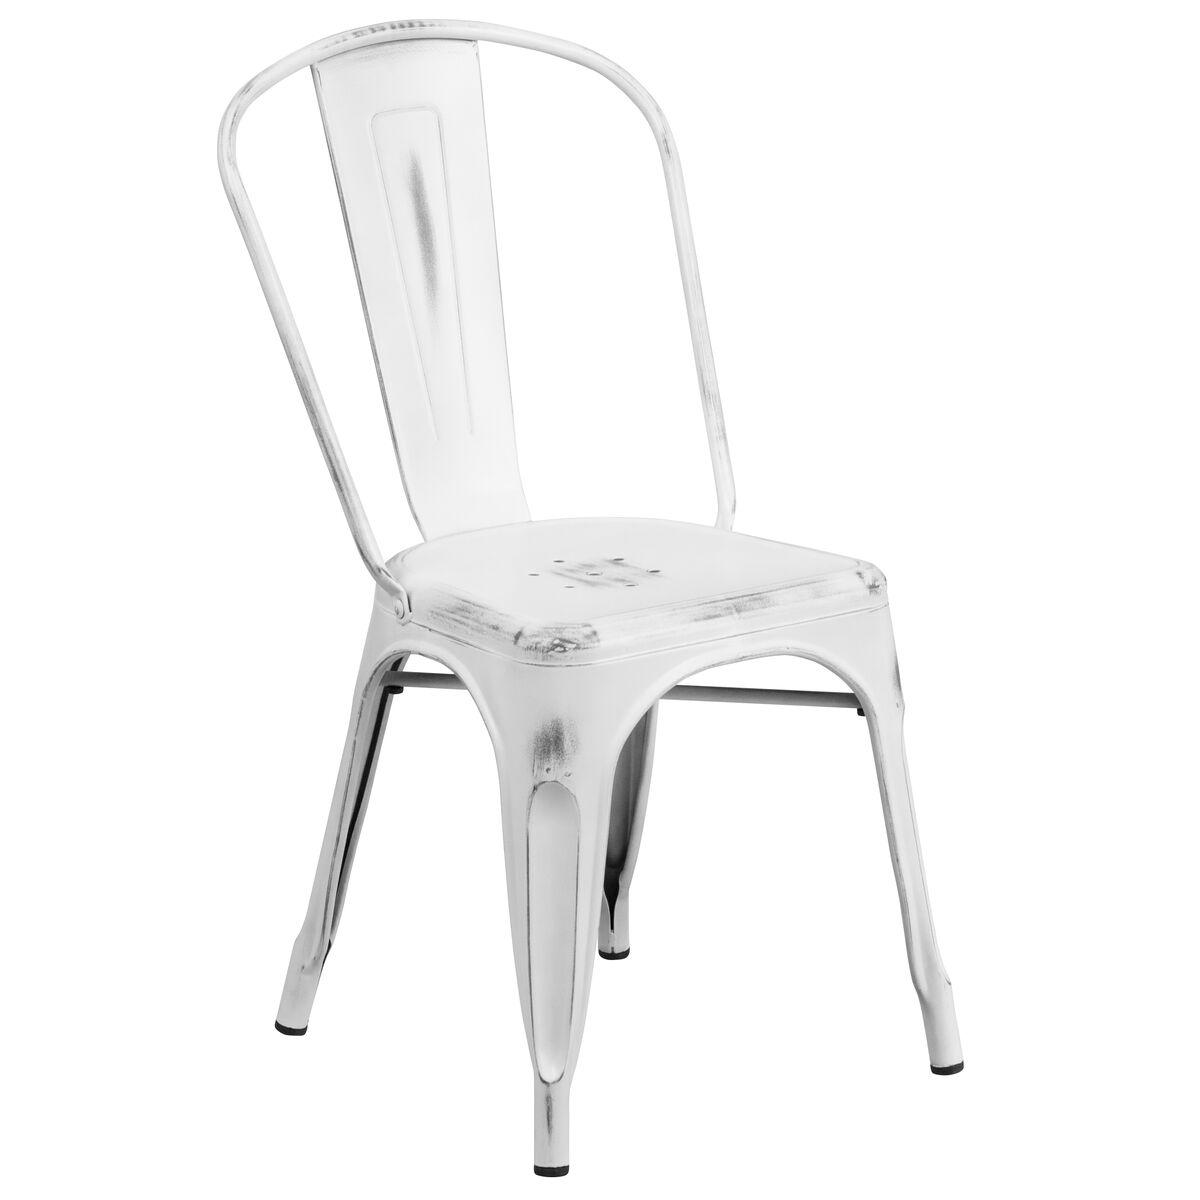 Distressed White Metal Chair Et 3534 Wh Gg Bizchair Com